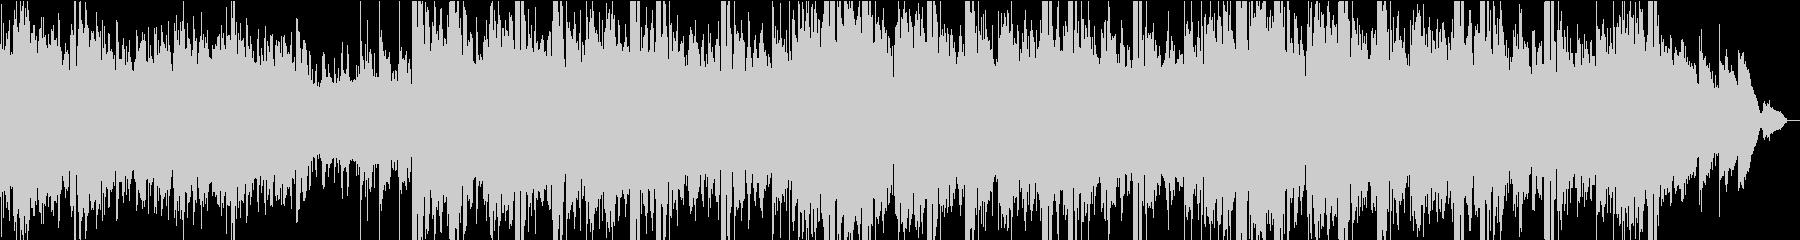 メカニカル/ロボットのサウンドドラ...の未再生の波形